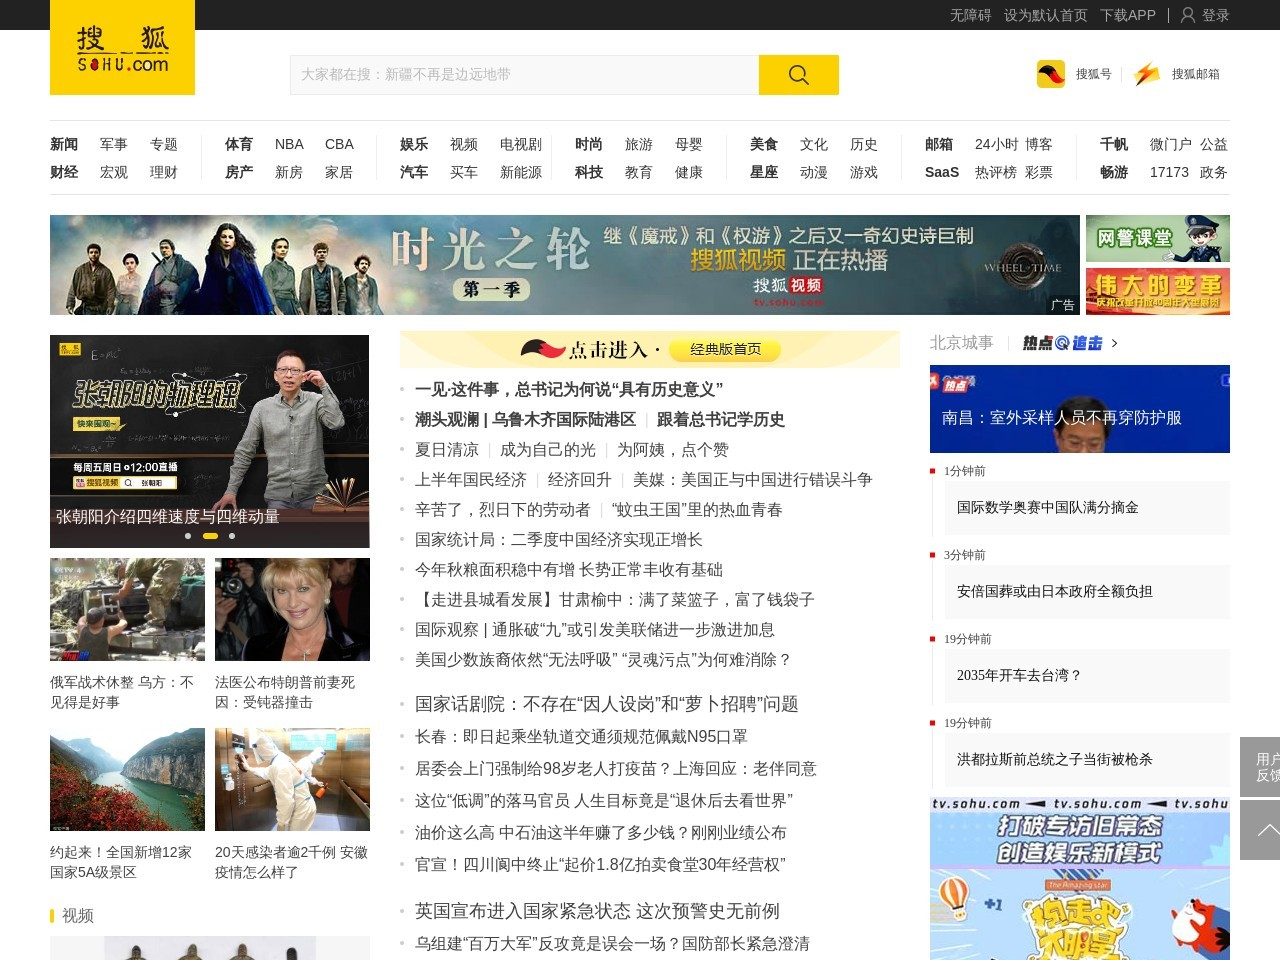 苏宁易购:张近东与苏宁电器签署一致行动协议,合计持有21.83%表决权_公司